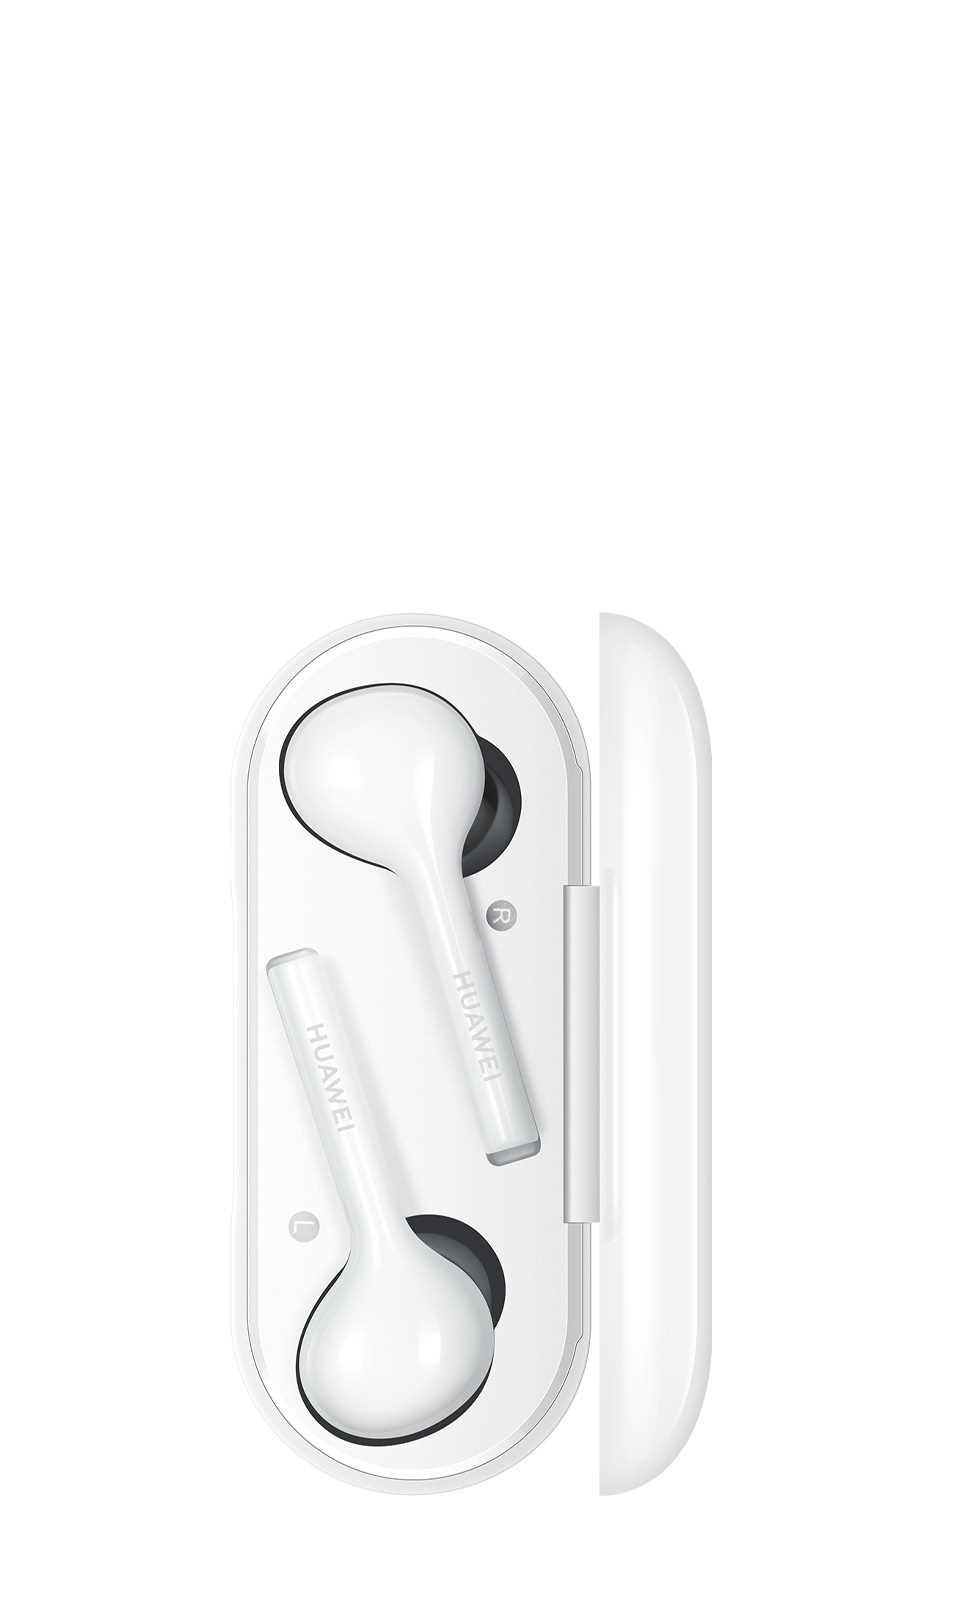 تجربة لاسلكية حقيقية بعد إقران بسيط مع بلوتوث ® ، سوف تتصلان تلقائيًا بمجرد فتح الجراب؛ يمكنك الاستماع إلى الموسيقى أو إجراء مكالمات هاتفية عند ارتدائهما.